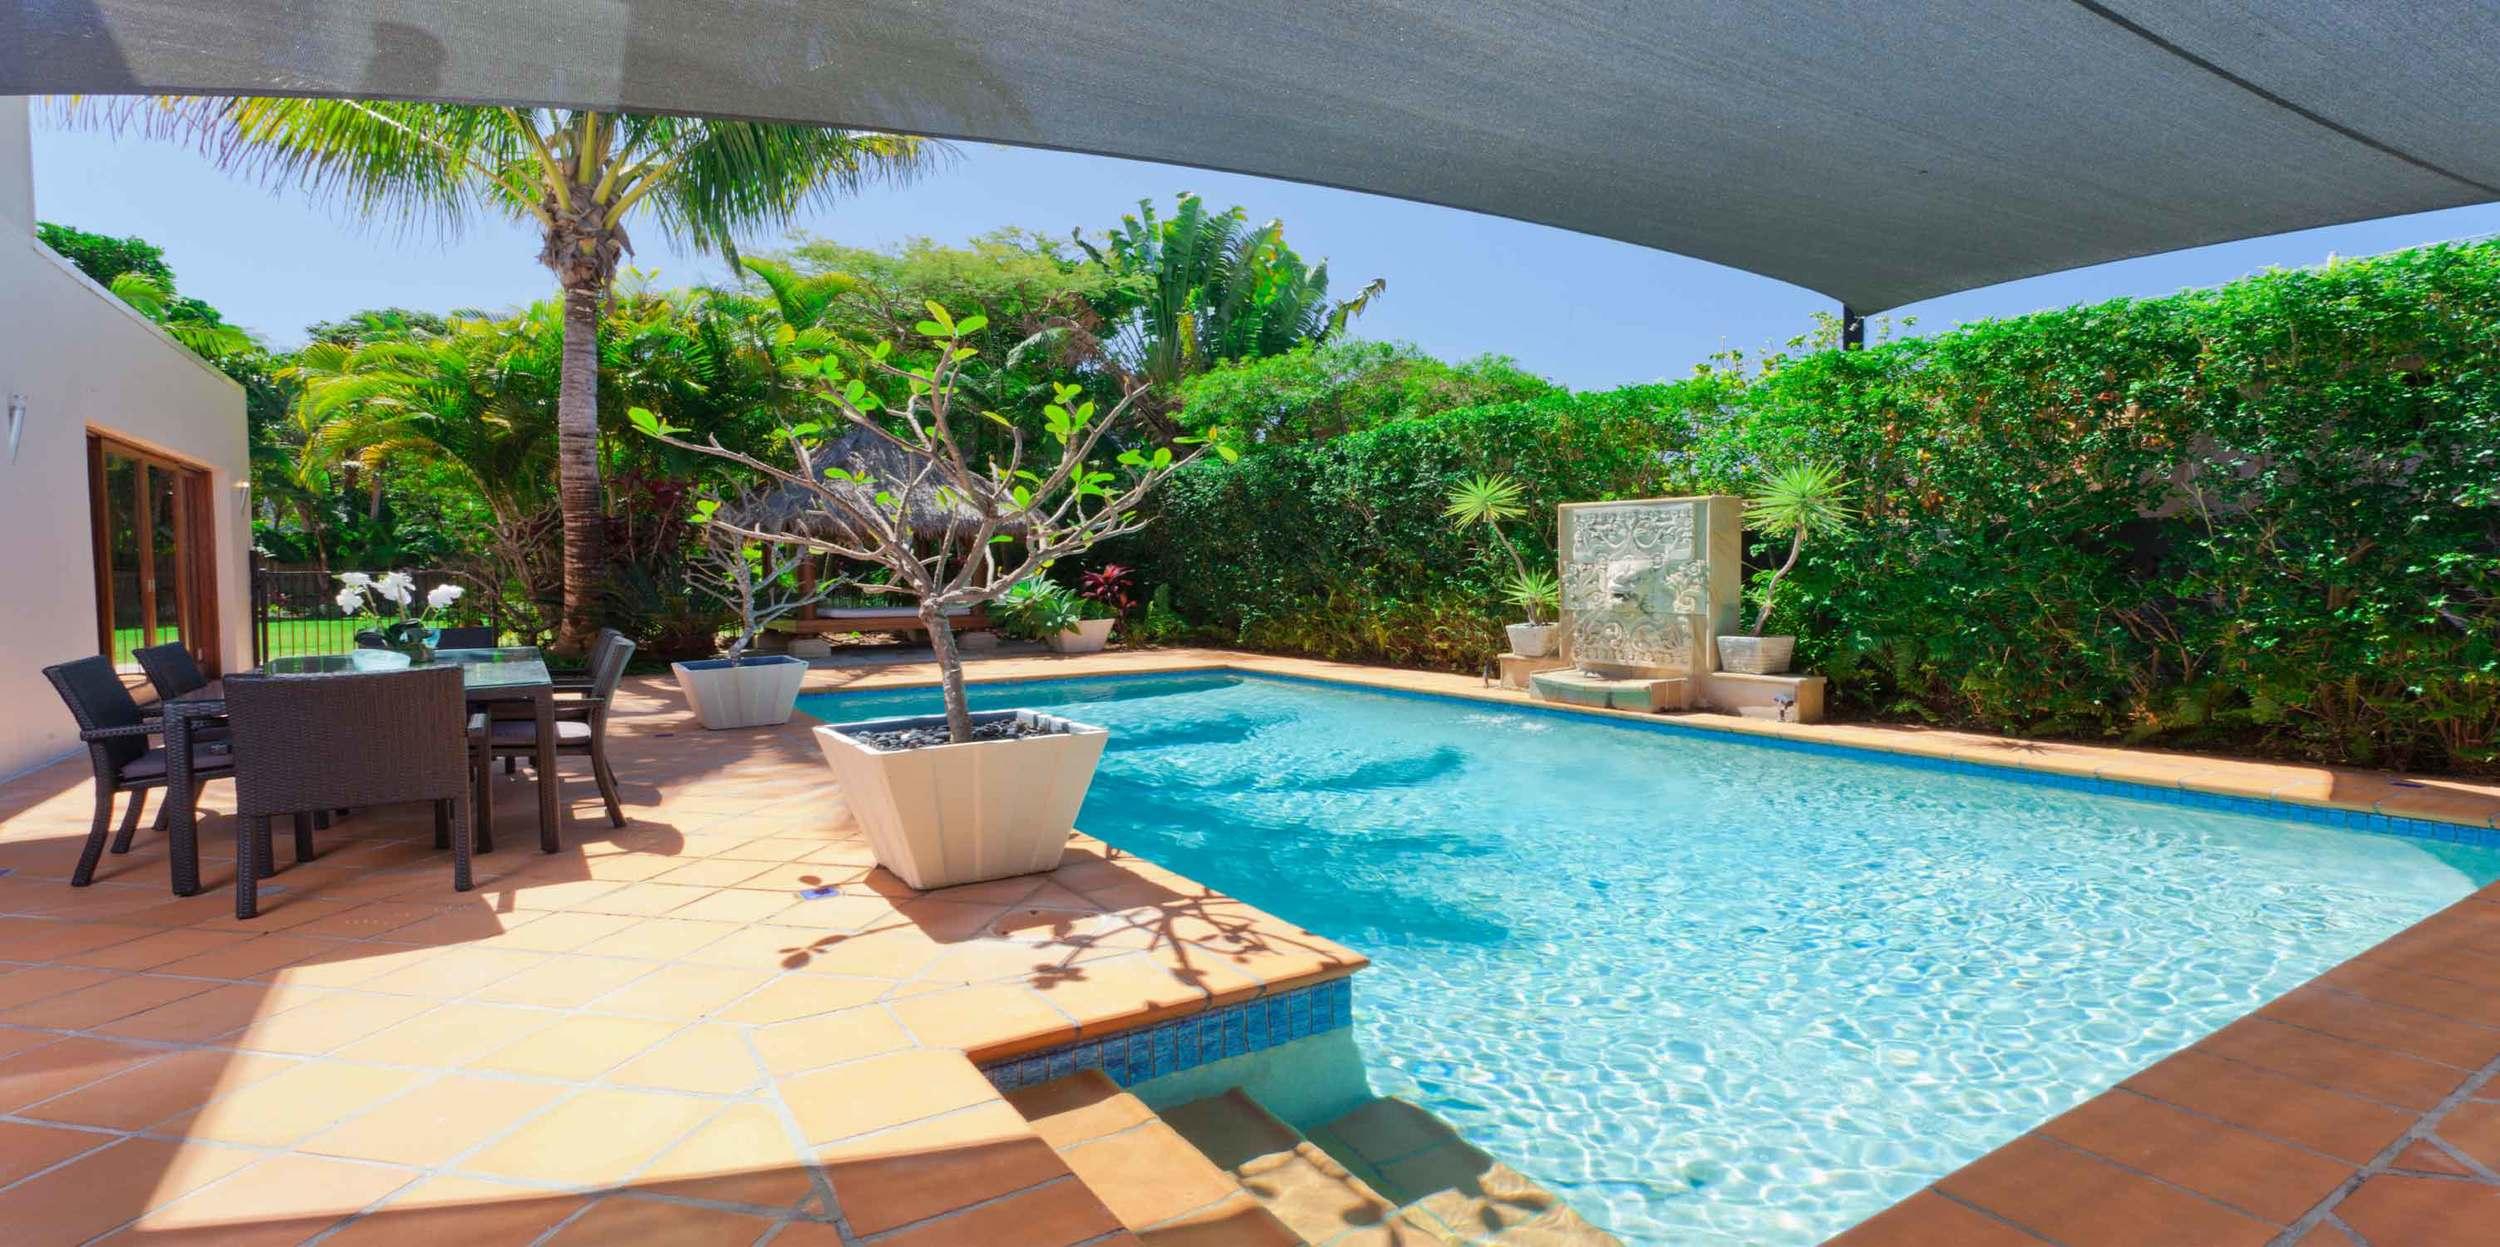 quality custom designed pools